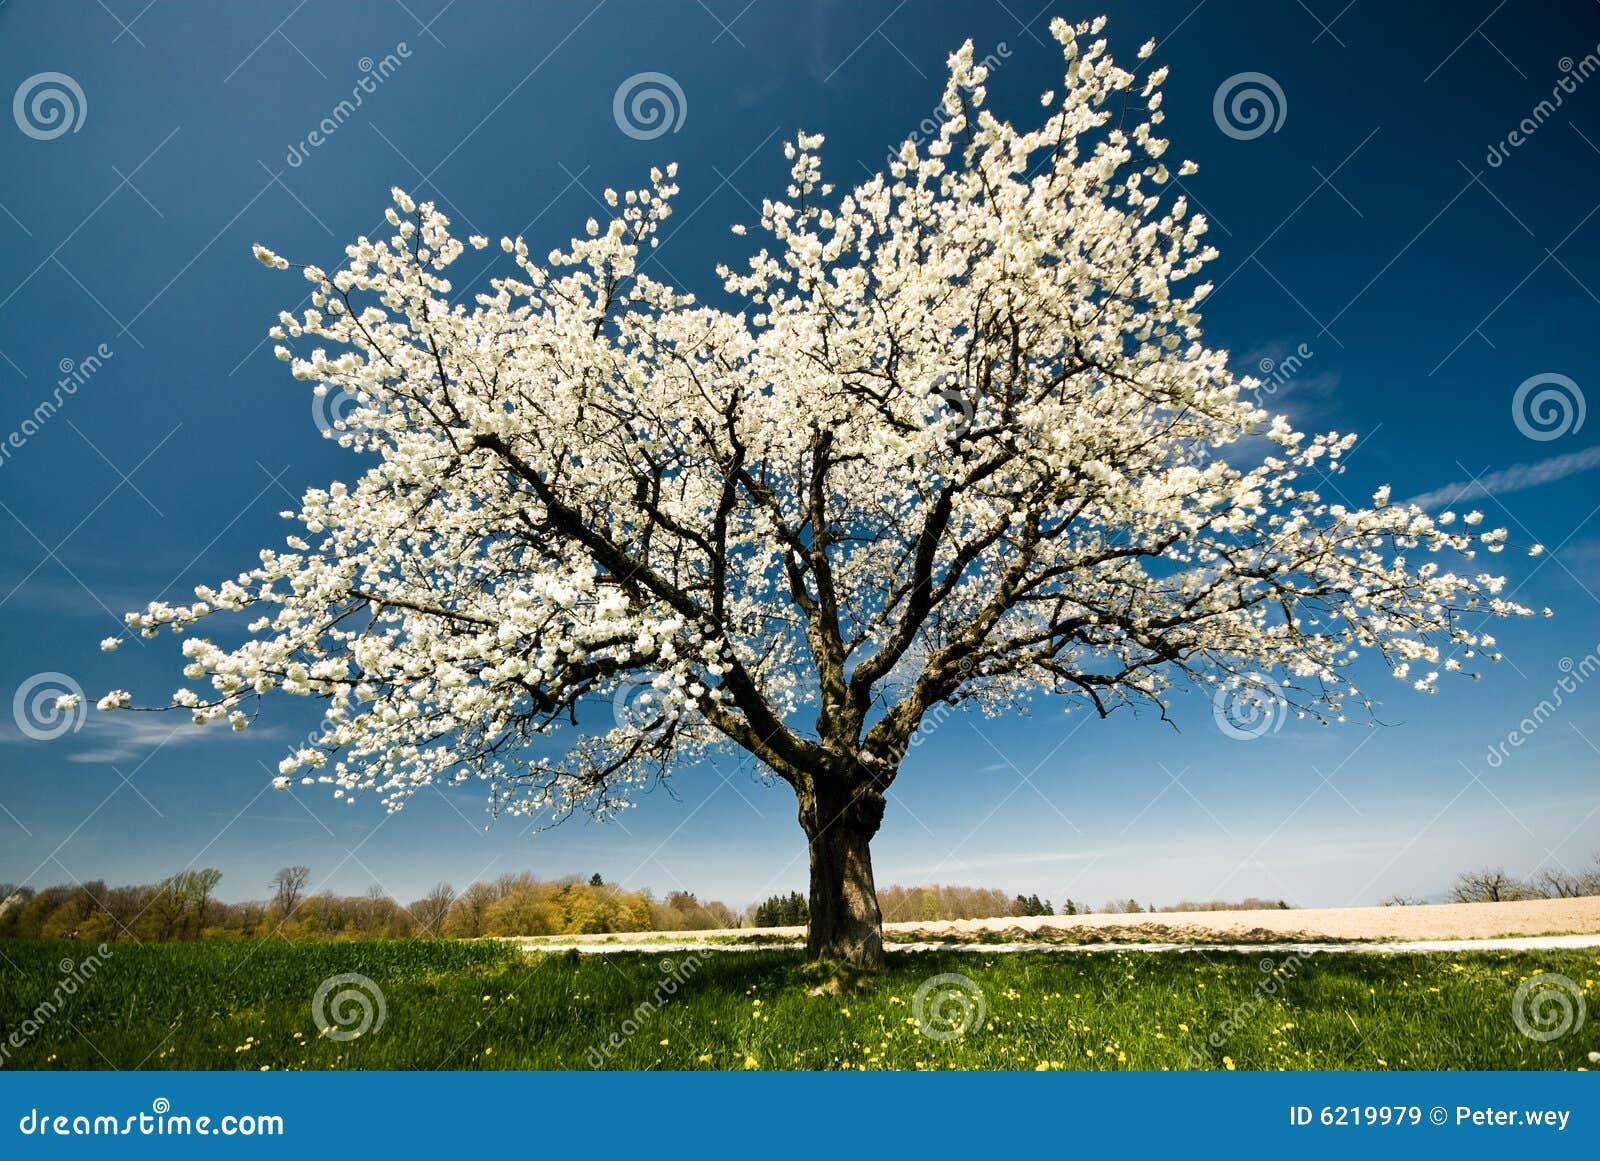 Árbol floreciente en resorte.